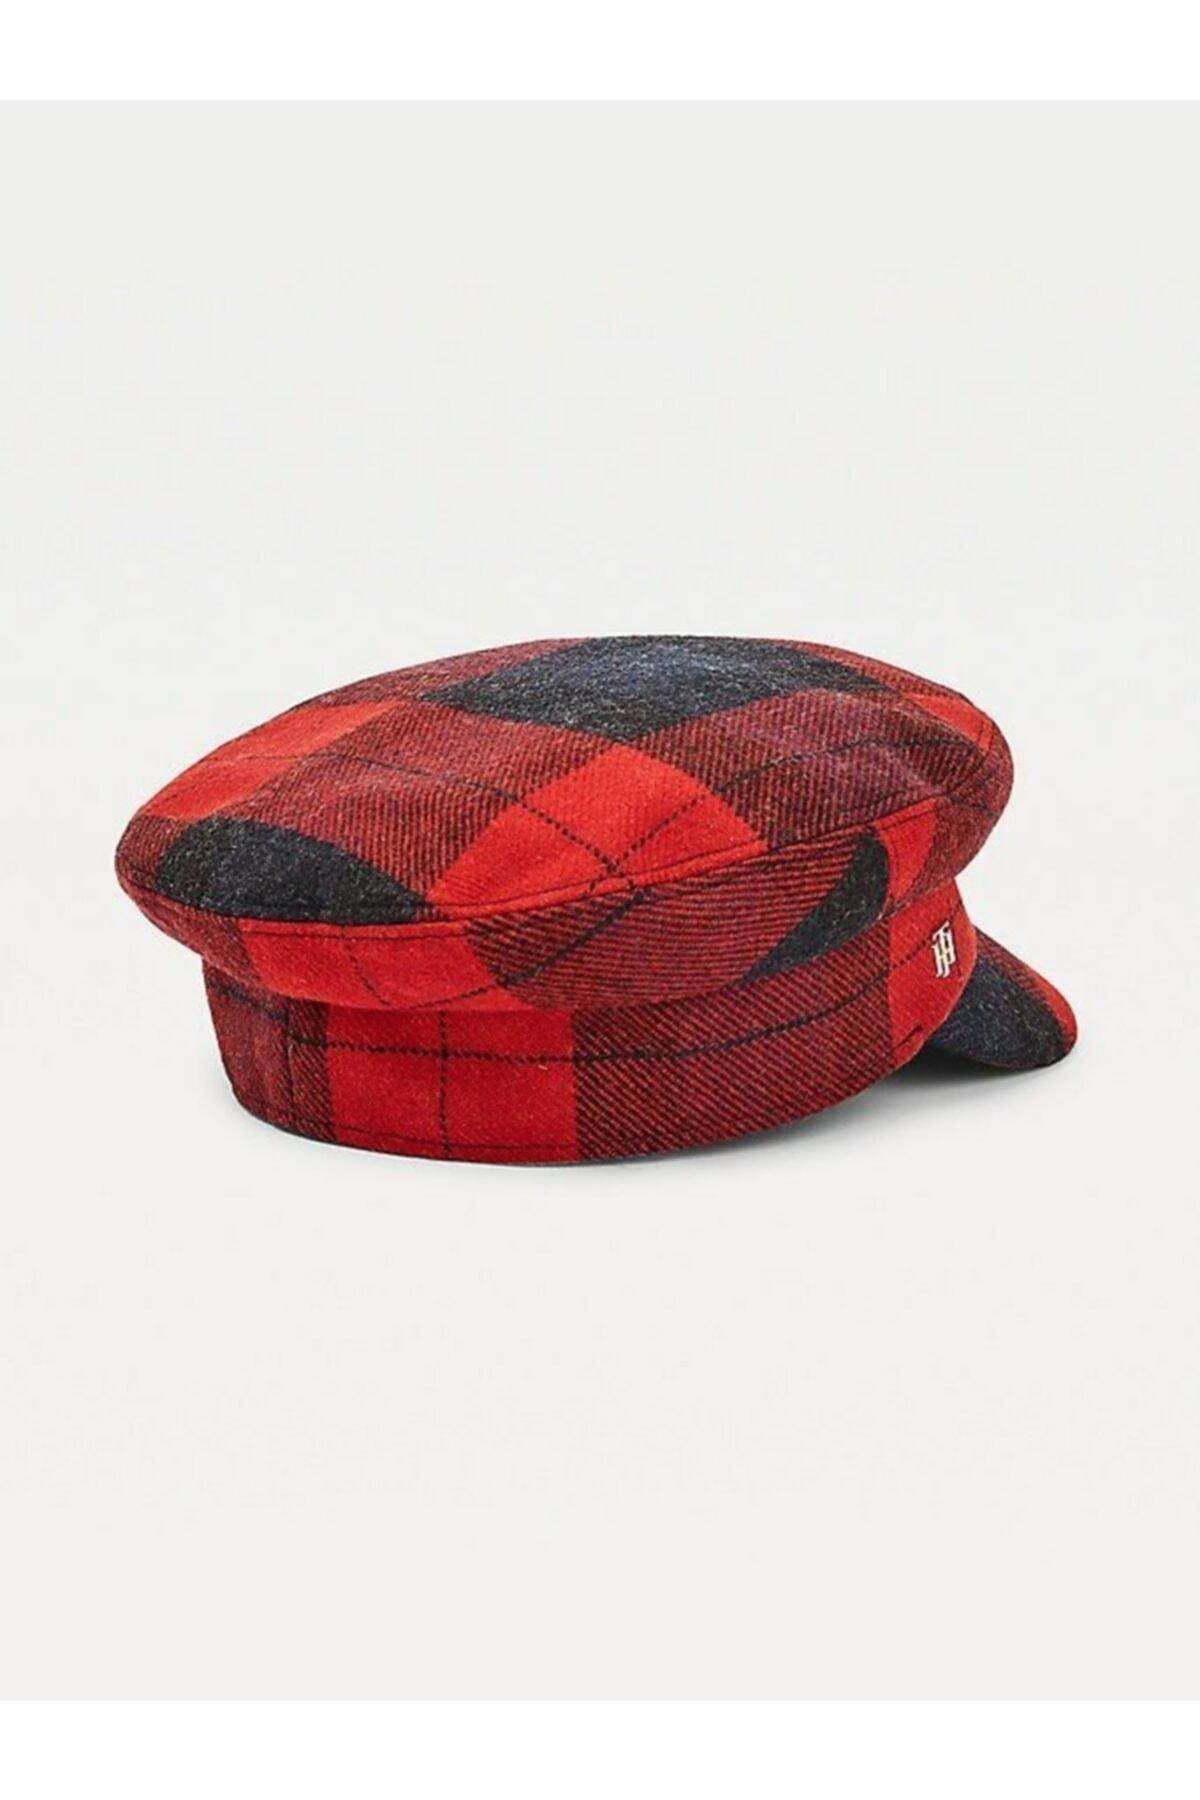 Tommy Hilfiger Th Baker Boy Check Yün Şapka